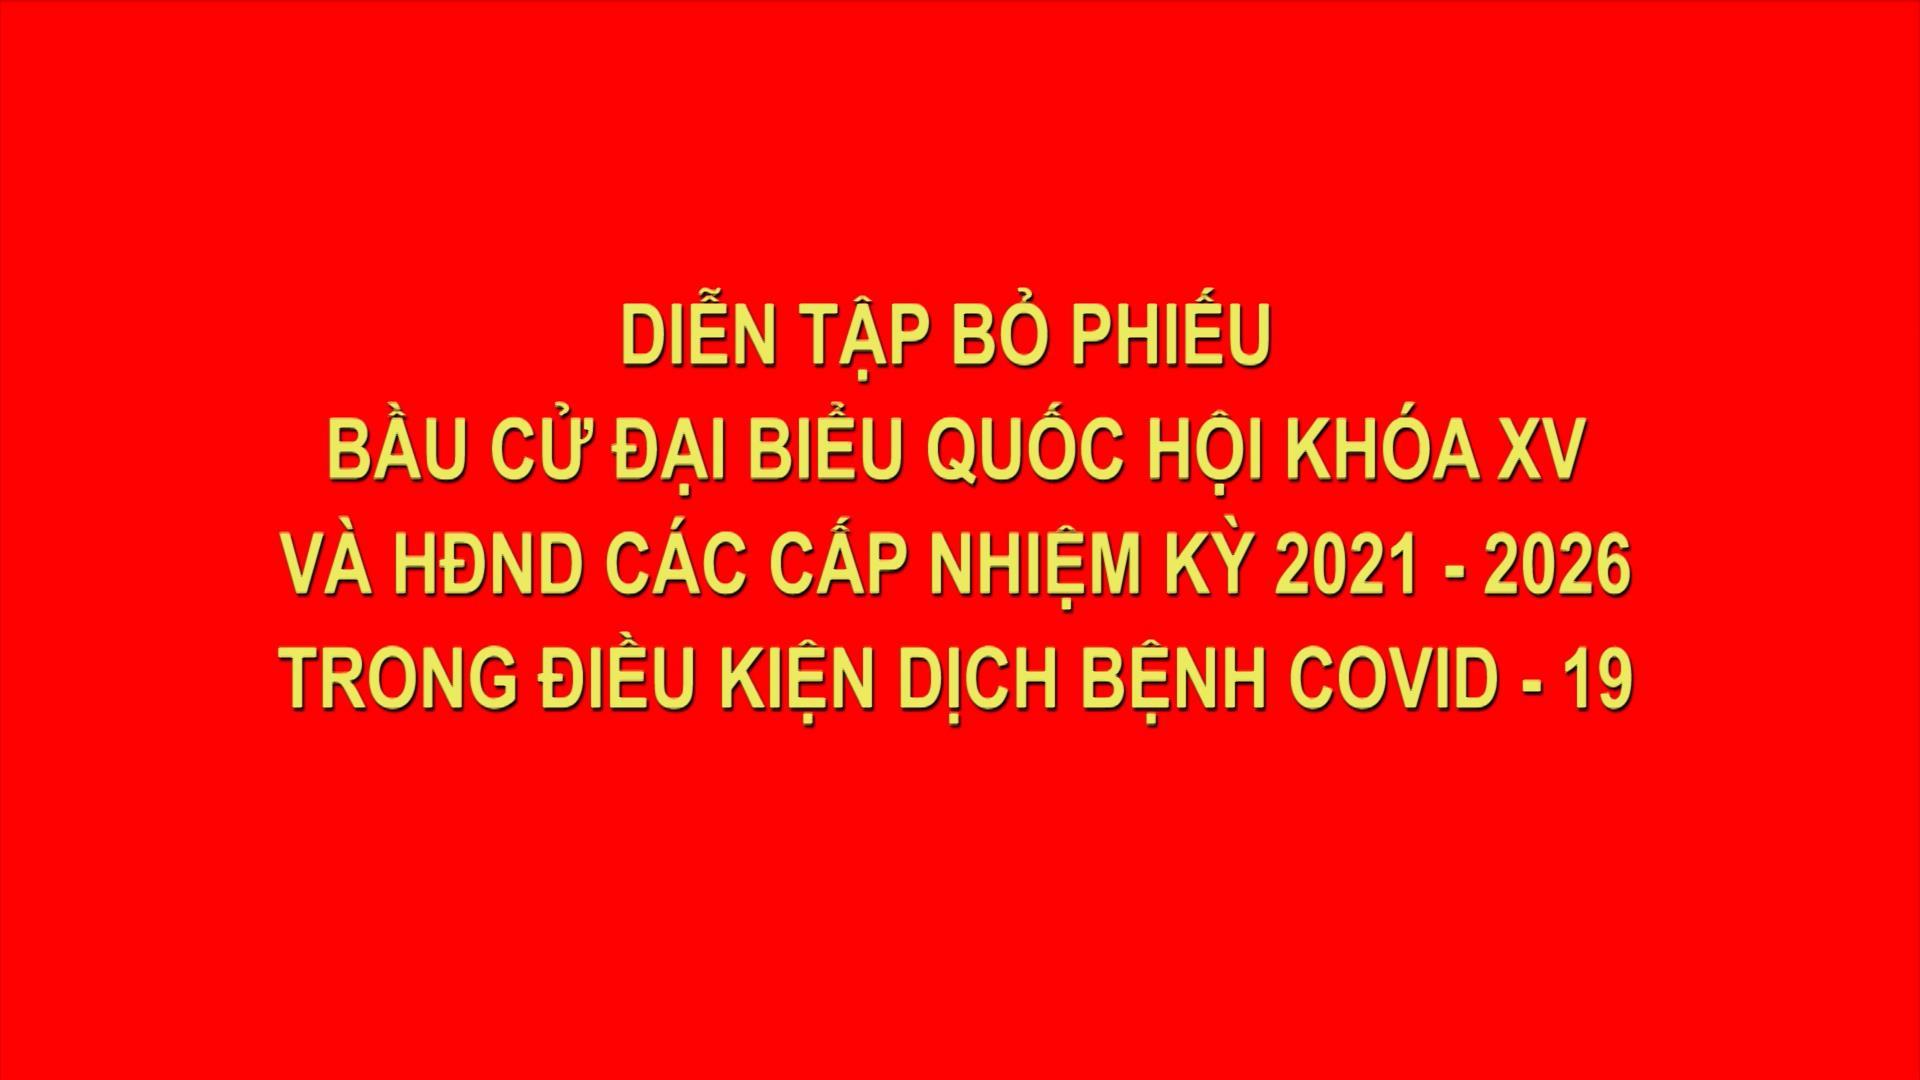 Diễn tập bỏ phiếu bầu cử ĐBQH và HĐND các cấp nhiệm kỳ 2021-2026 trong điều kiện dịch bệnh Covid - 19